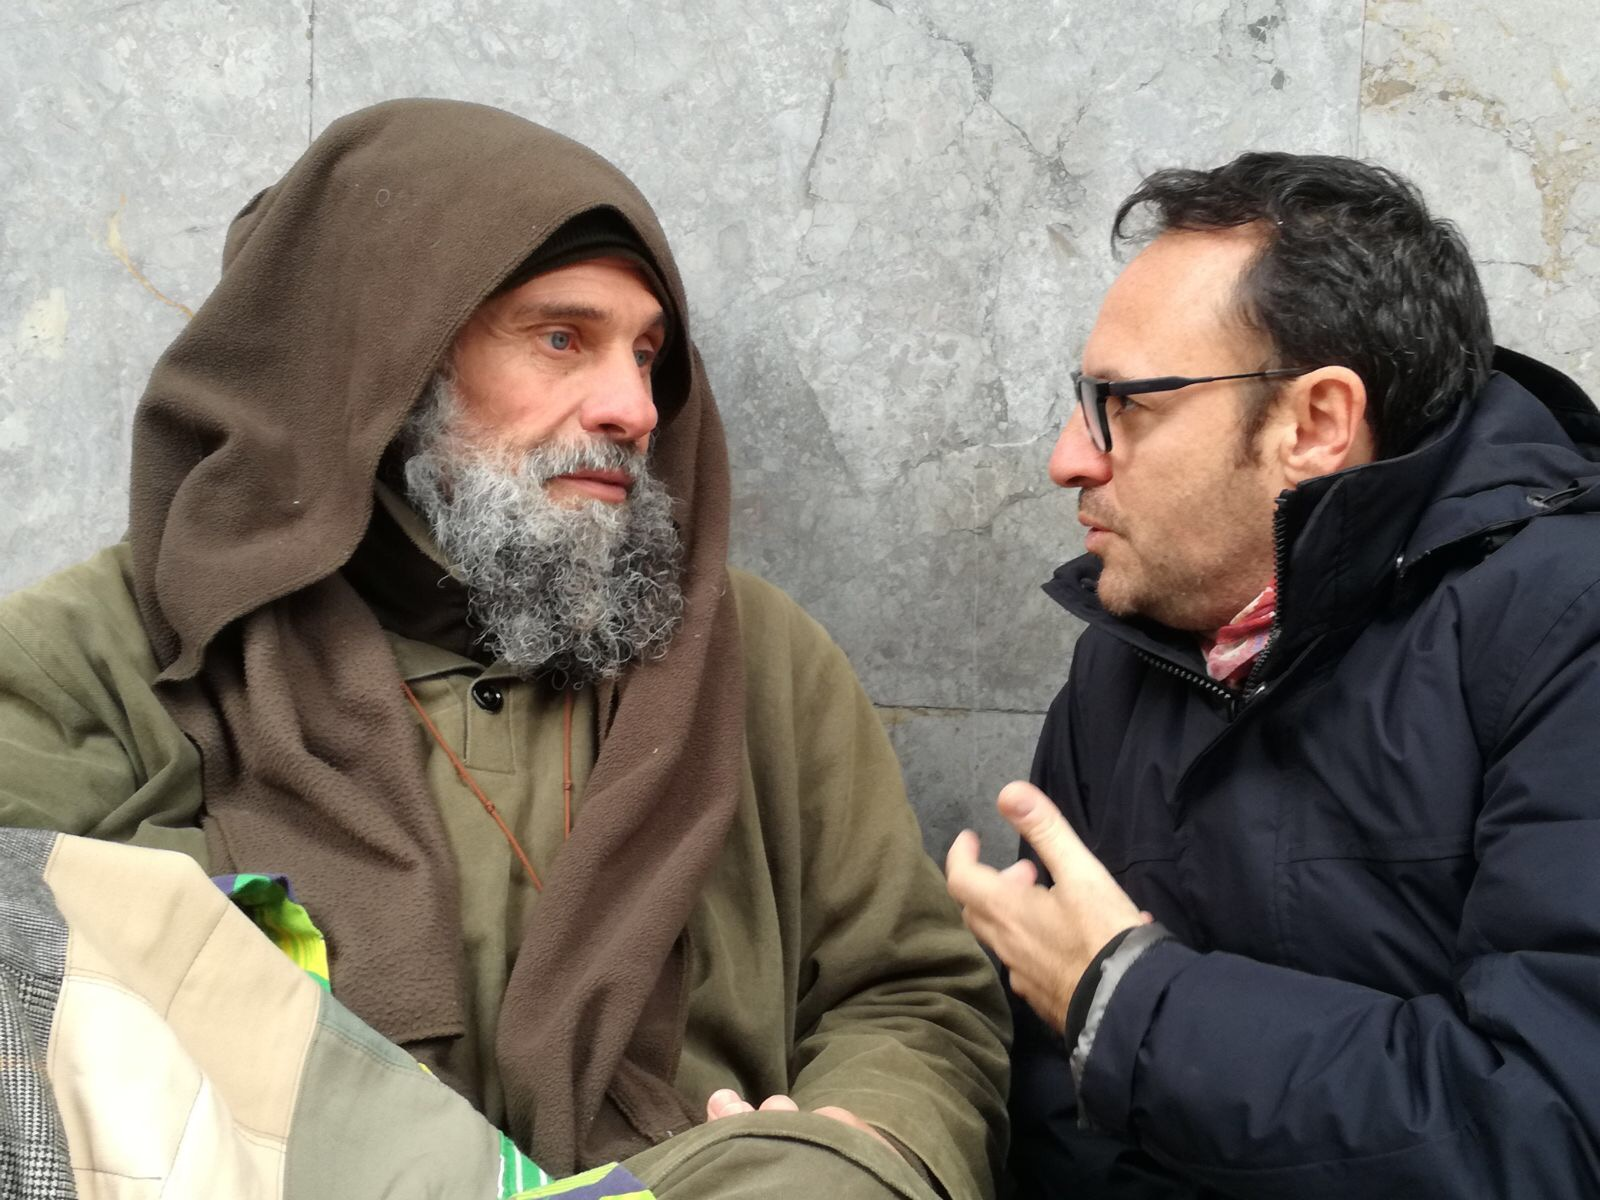 Poveri dimenticati e la protesta di Biagio Conte, Musumeci: lo incontrerò presto